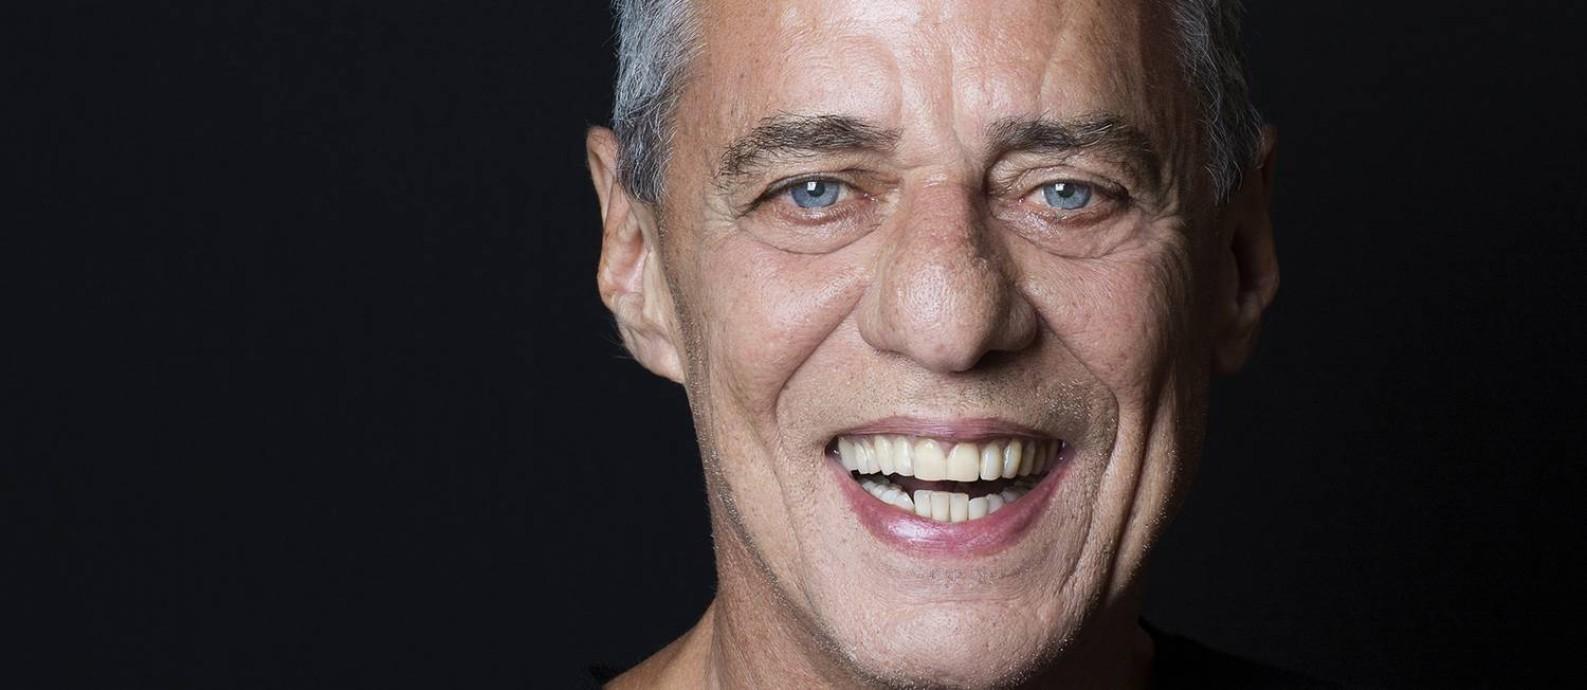 Chico Buarque Foto: / Divulgação/Leo Aversa